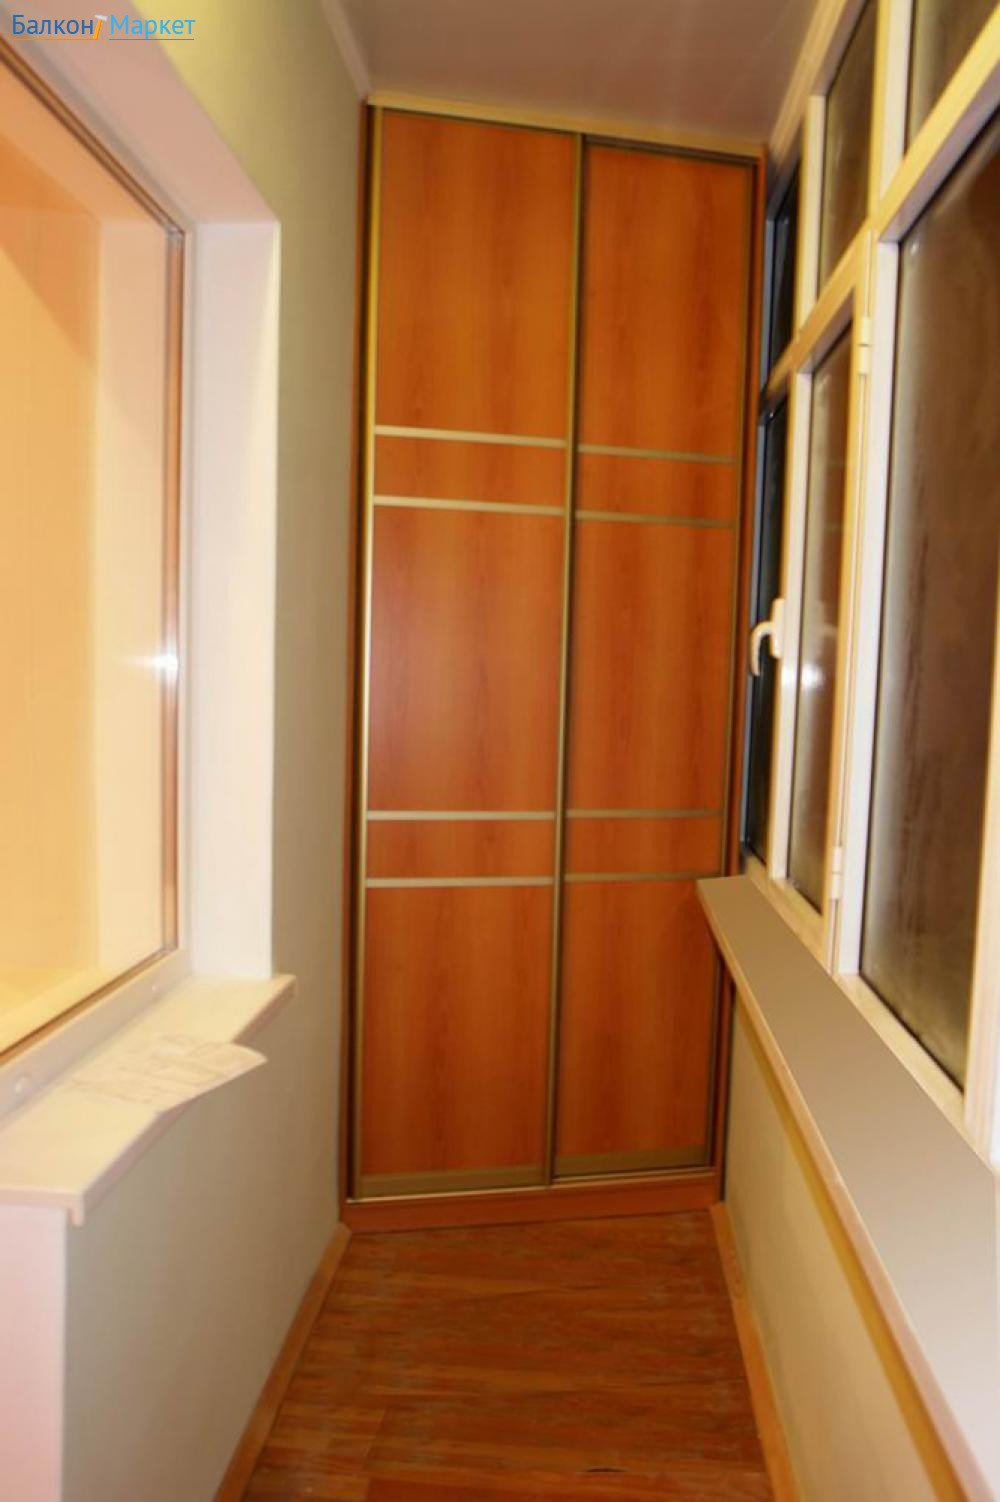 Шкафчик для балкона видео.